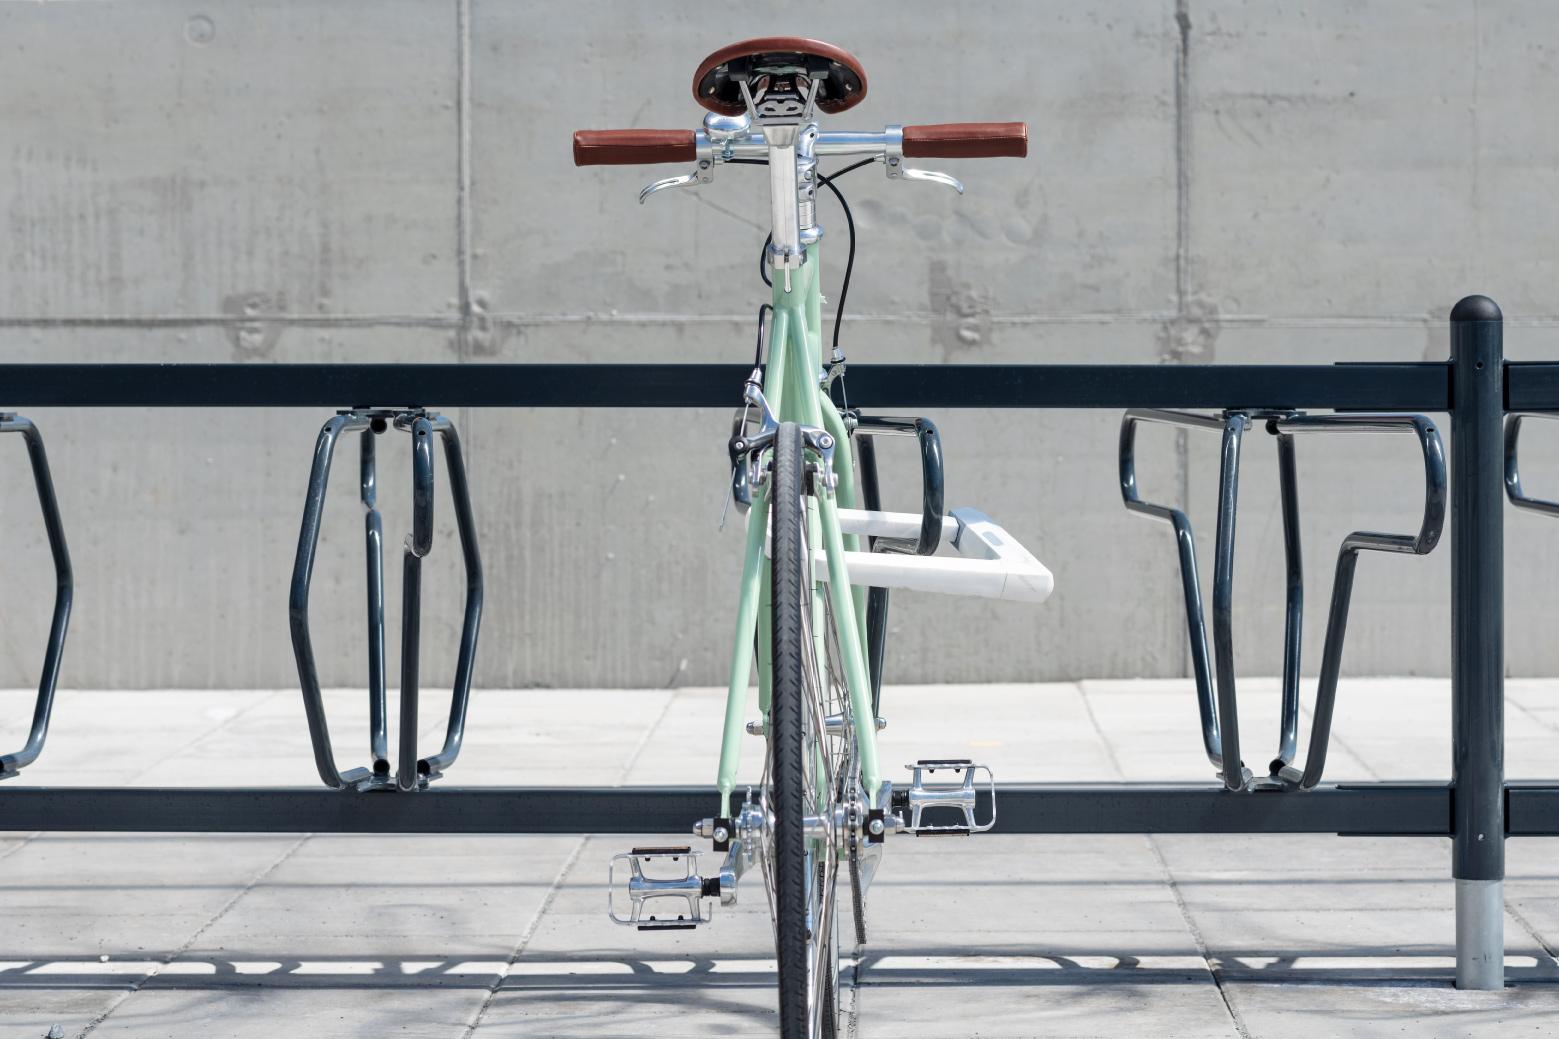 Grön cykel som står i ett svart DELTA cykelställ för offentlig miljö